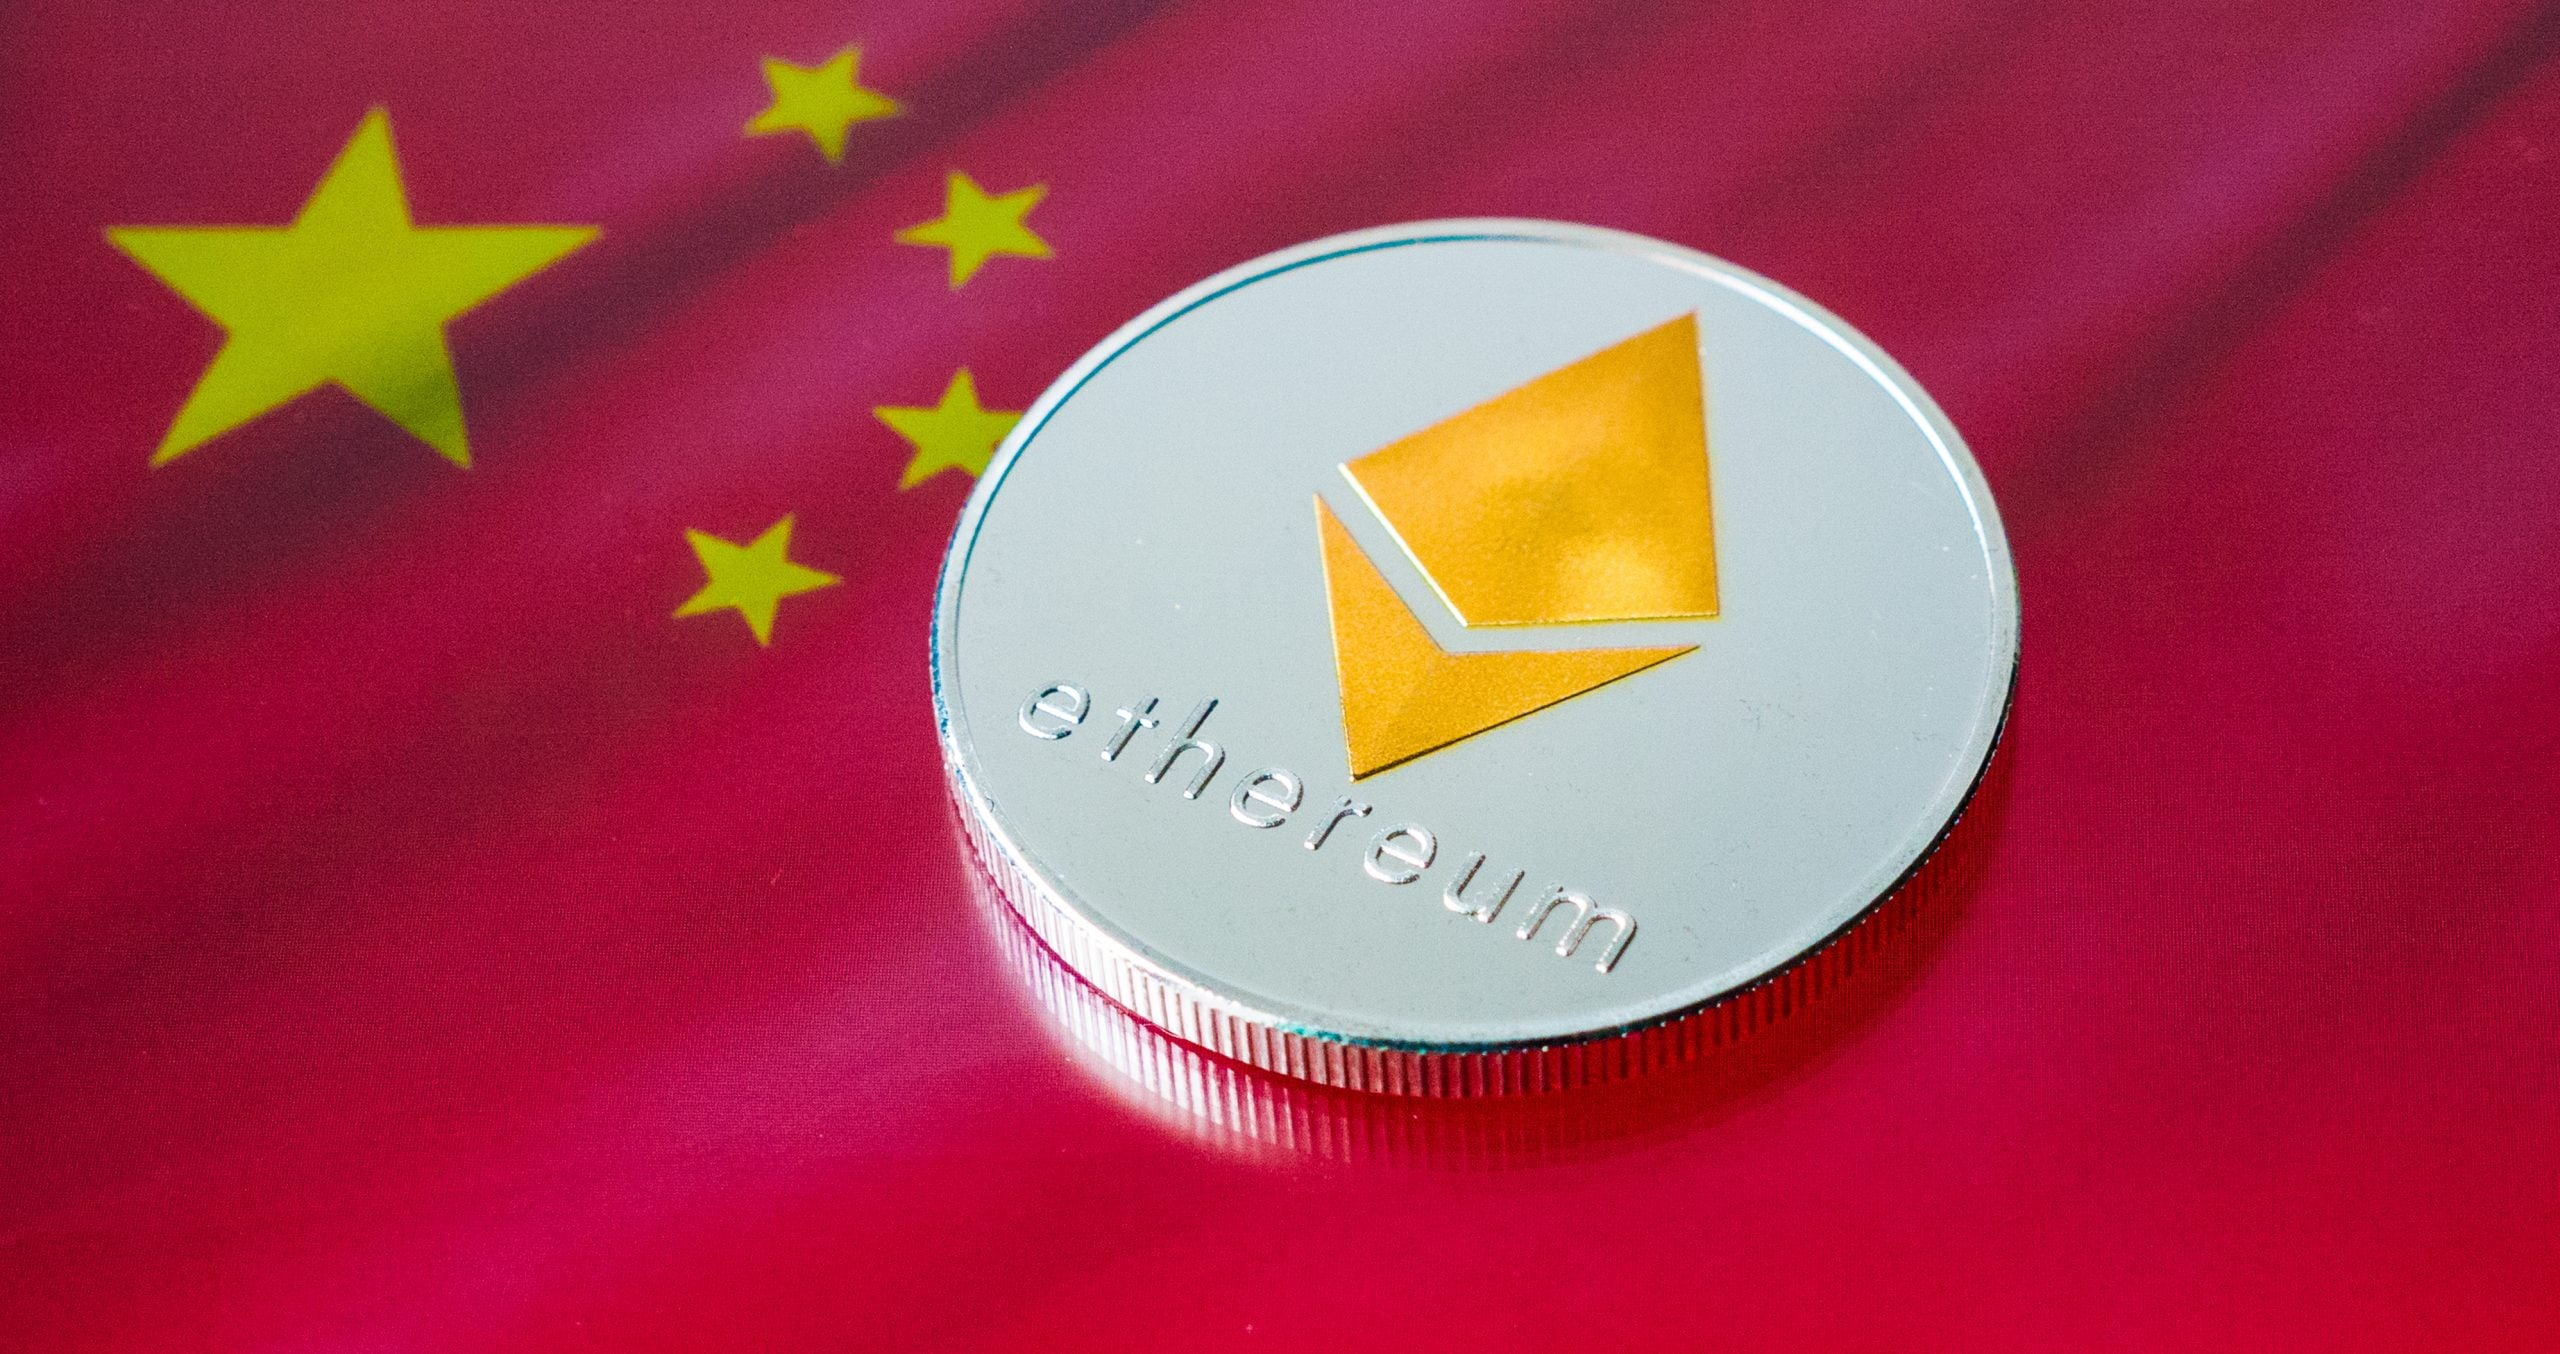 Zweitgrößter Ethereum-Mining-Pool schließt chinesische Miner:innen aus